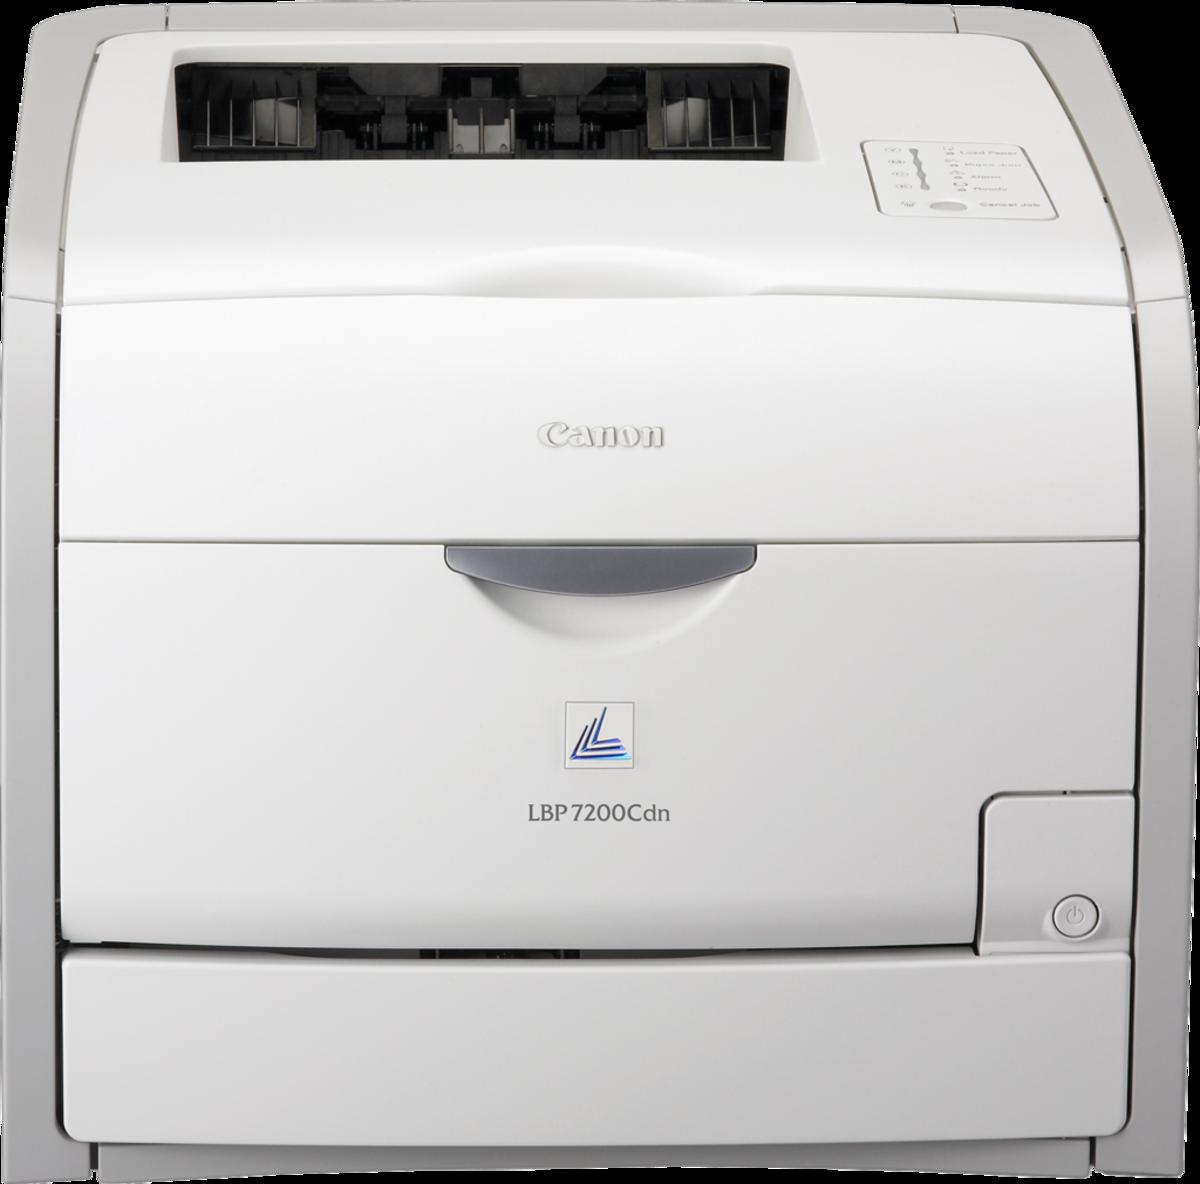 Canon LBP7200cdn Laser Printer